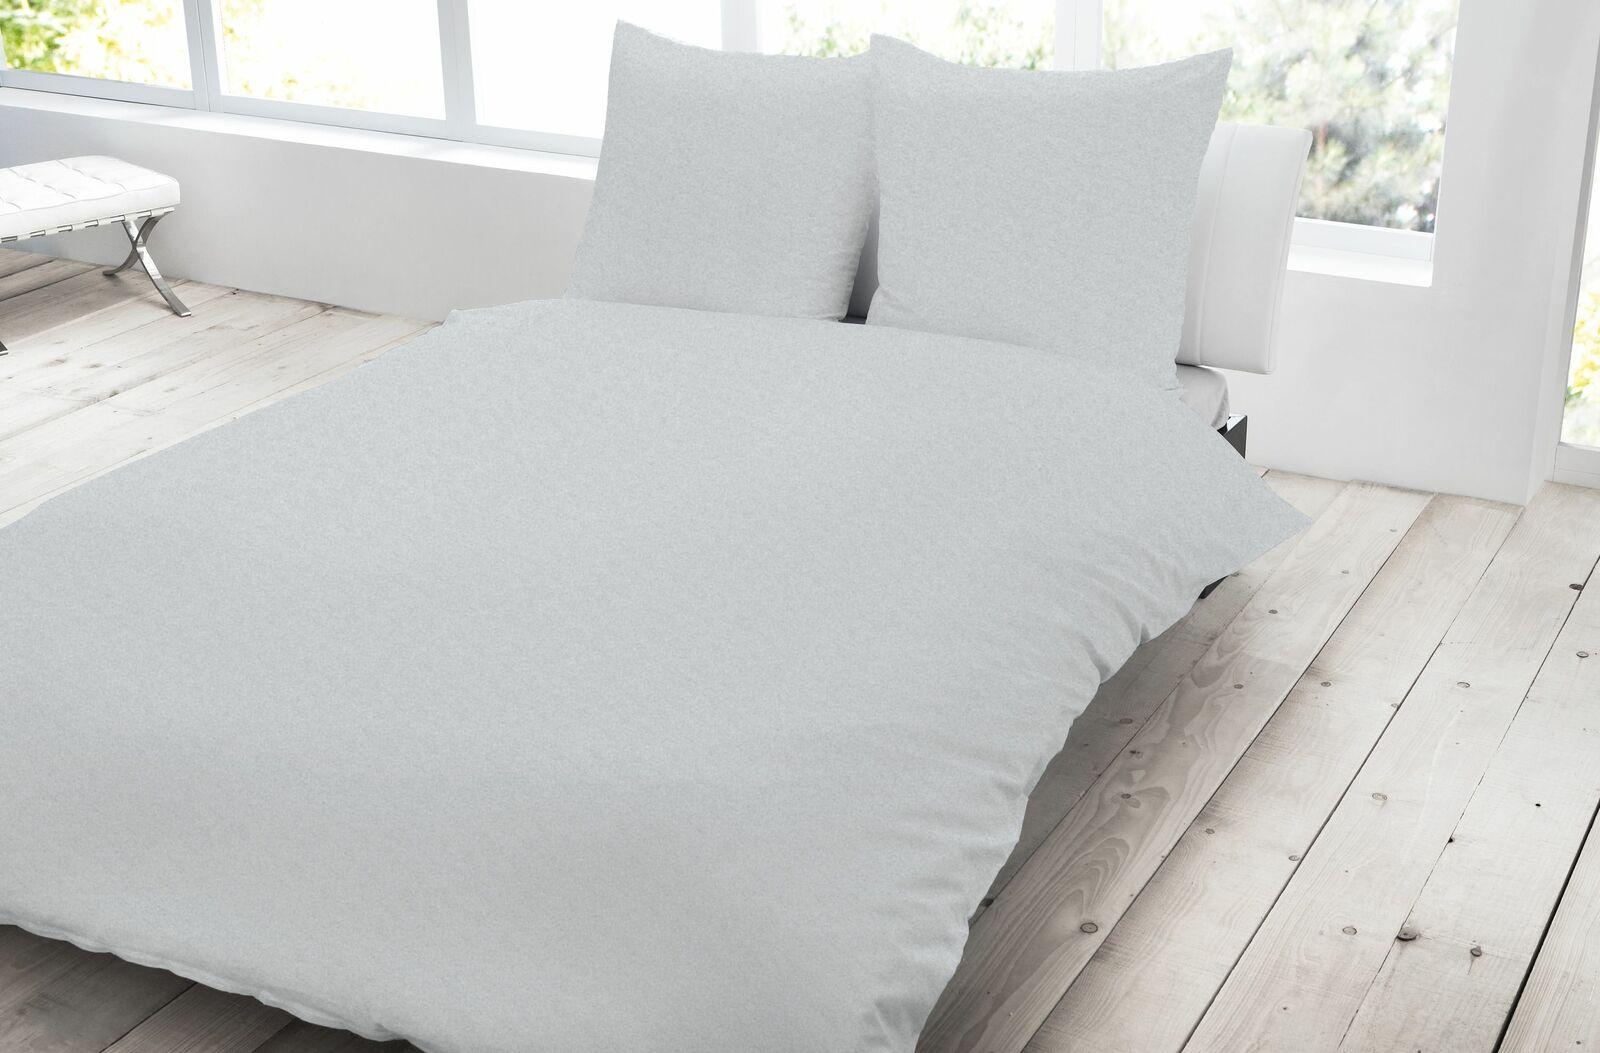 3 teilig Jersey Bettwäsche 200x200 cm silber meliert Melange Baumwolle